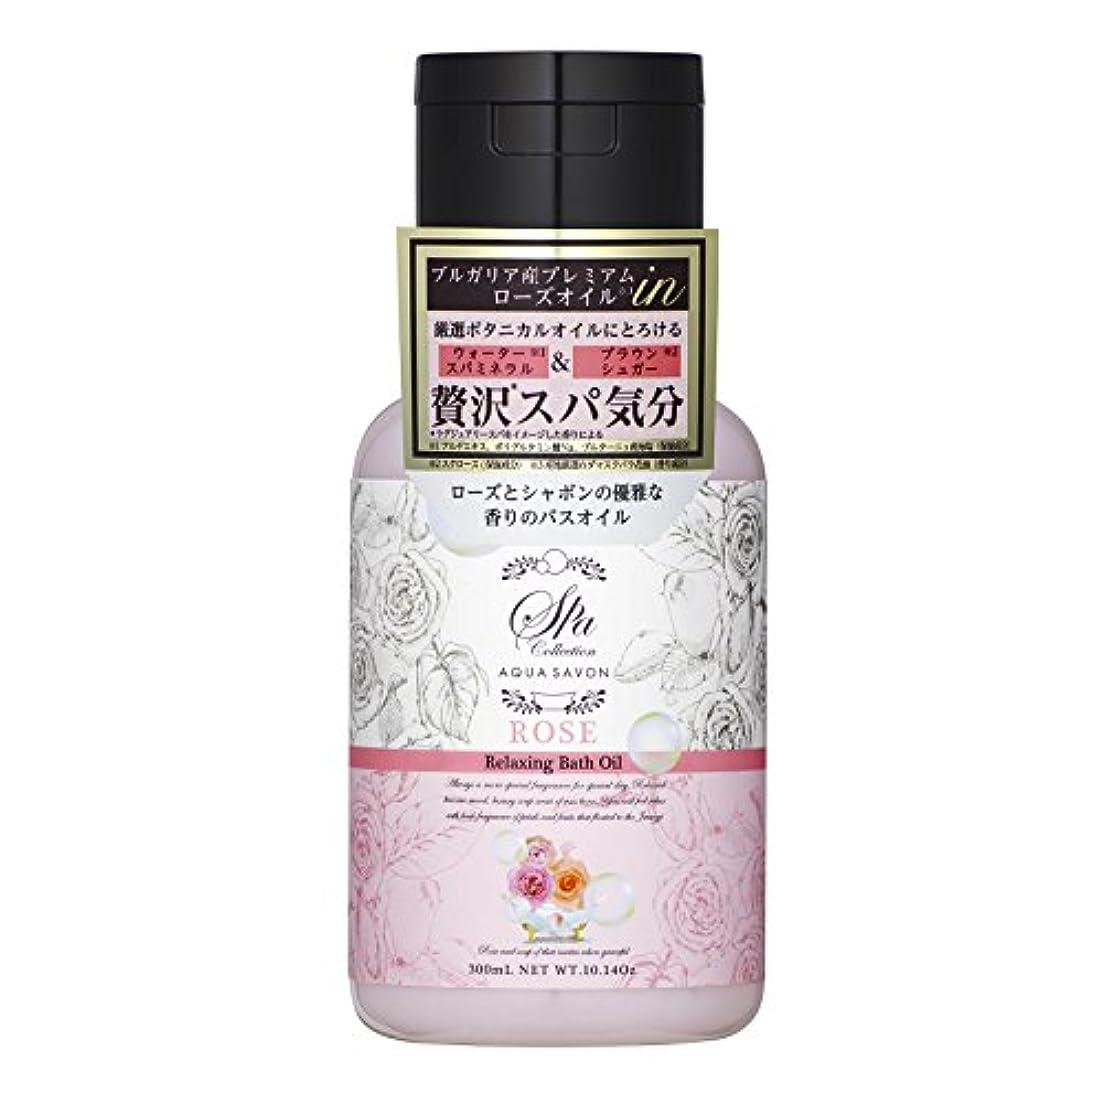 宿うがい薬収束アクアシャボン スパコレクション リラクシングバスオイル ローズスパの香り 300mL